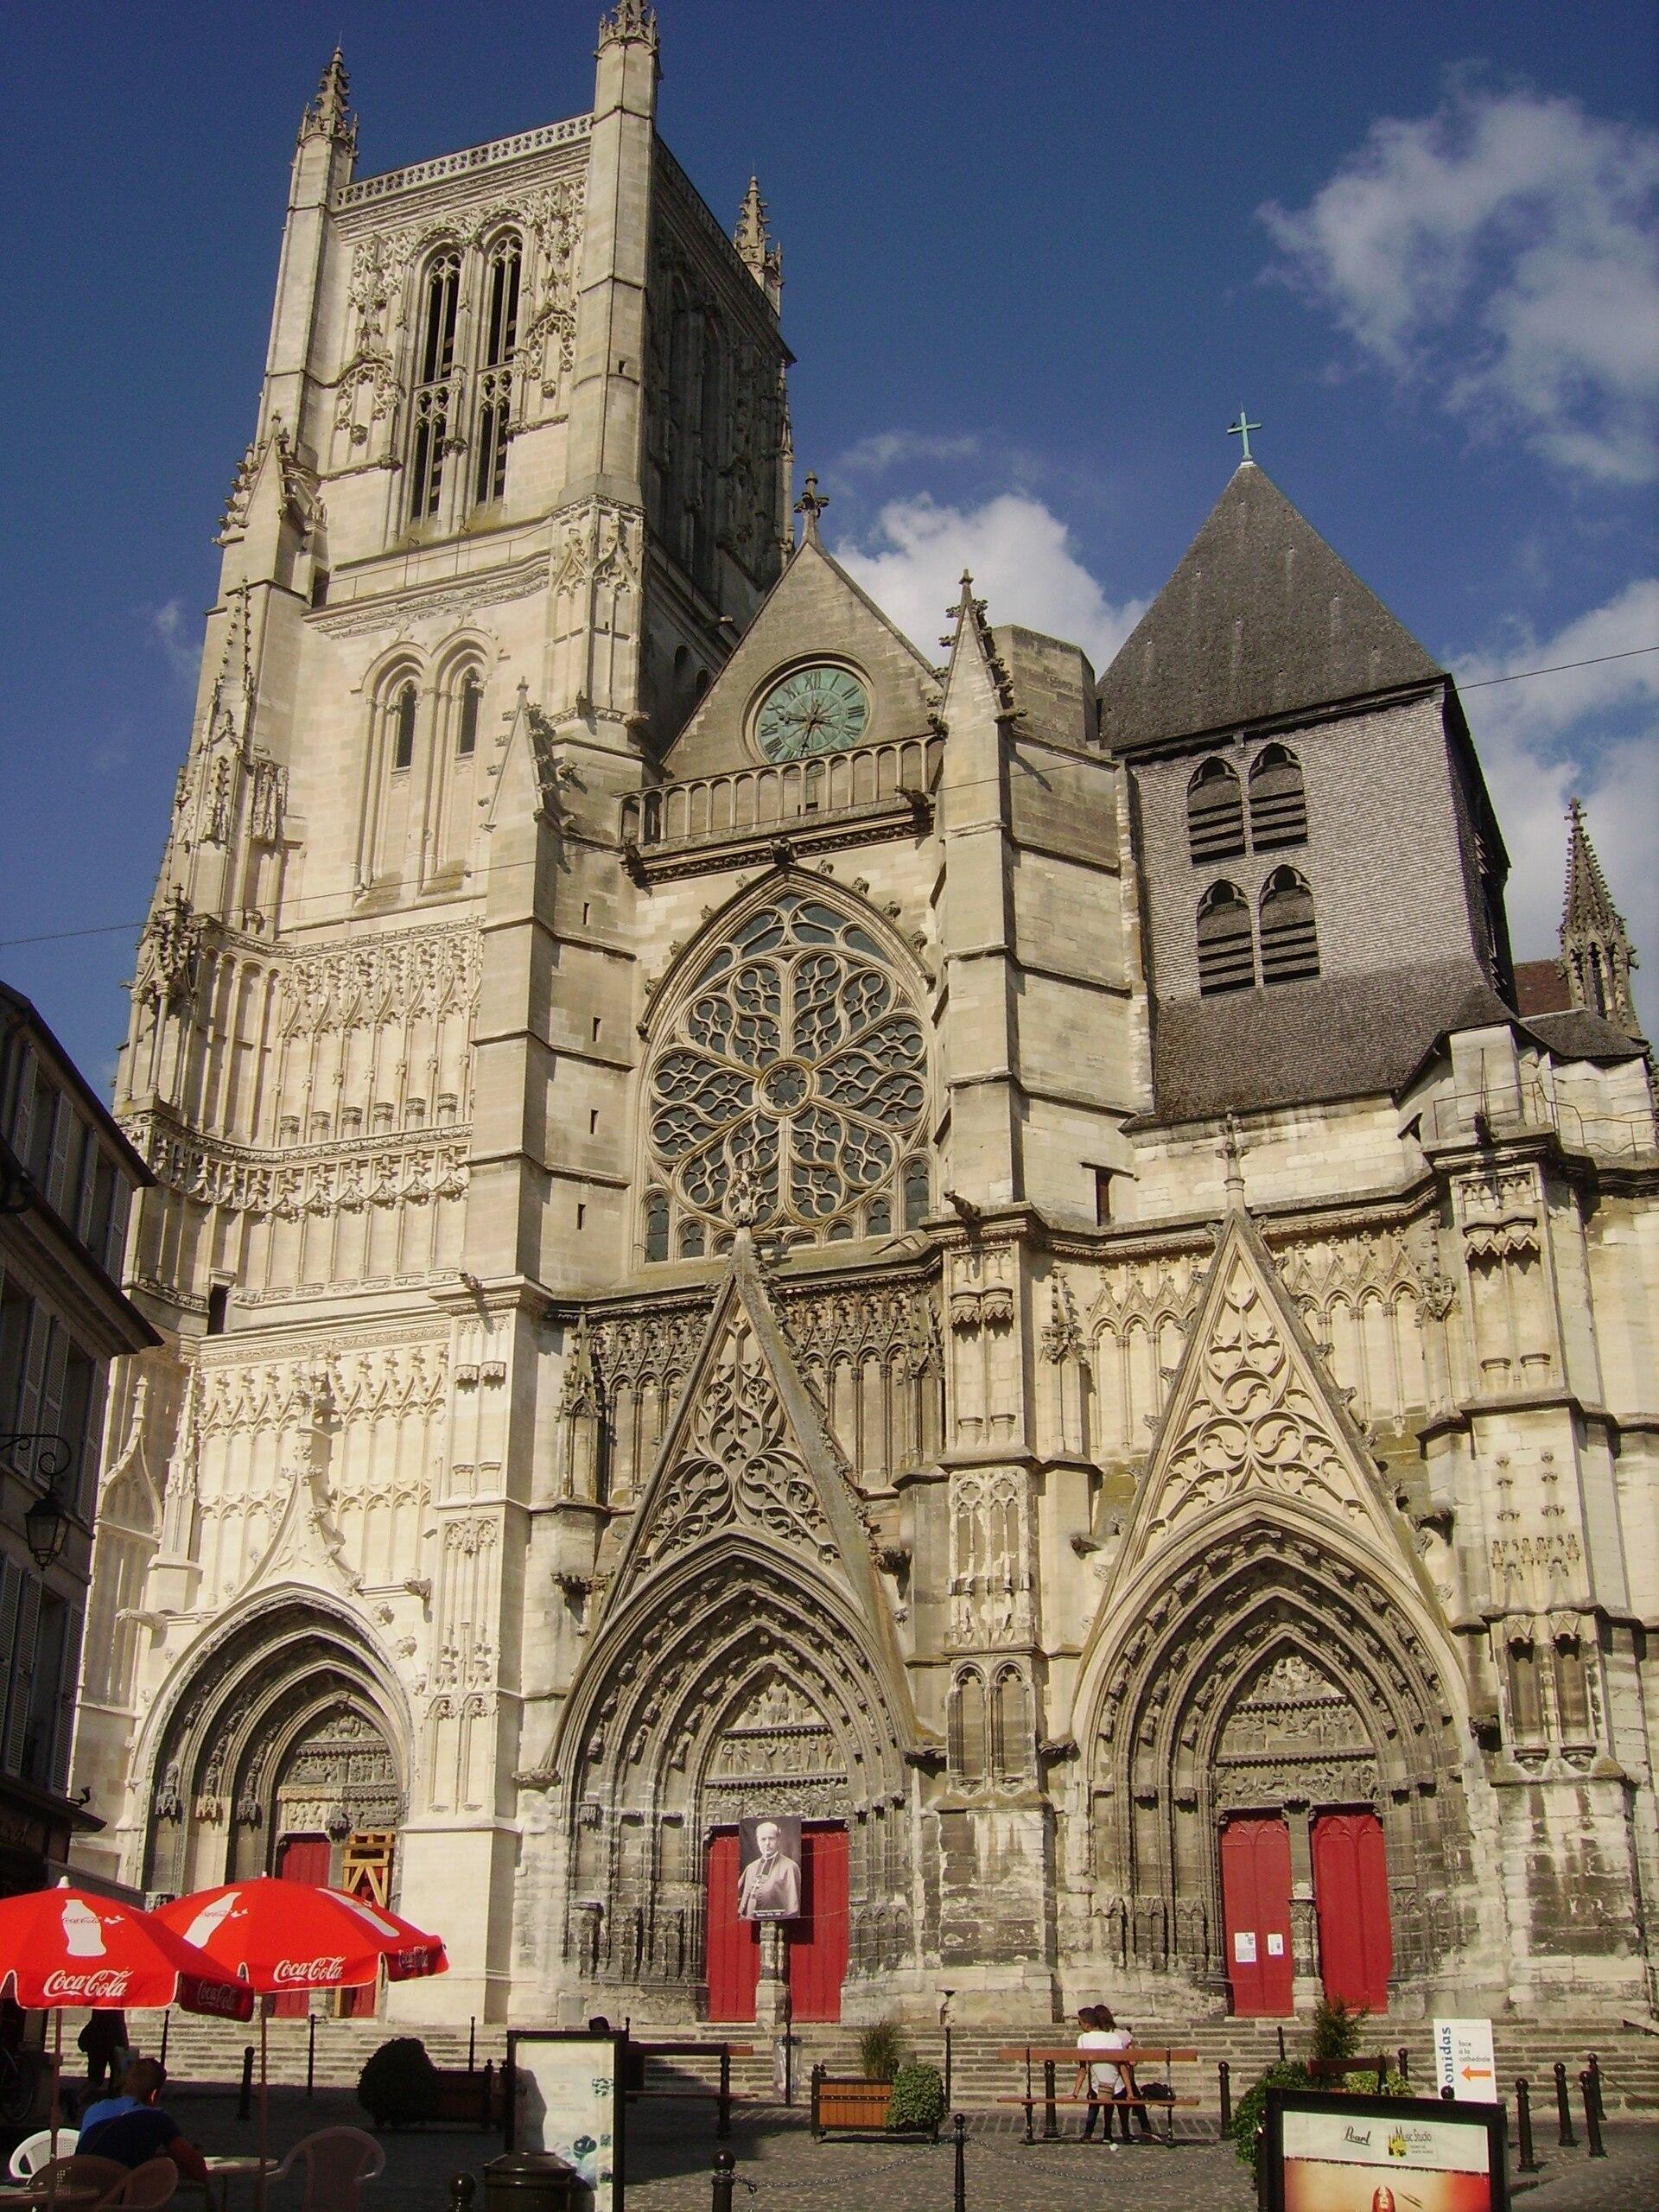 Poitiers Tours Montpellier Rennes Pau Bayonne Limoges Albi Classement Villes